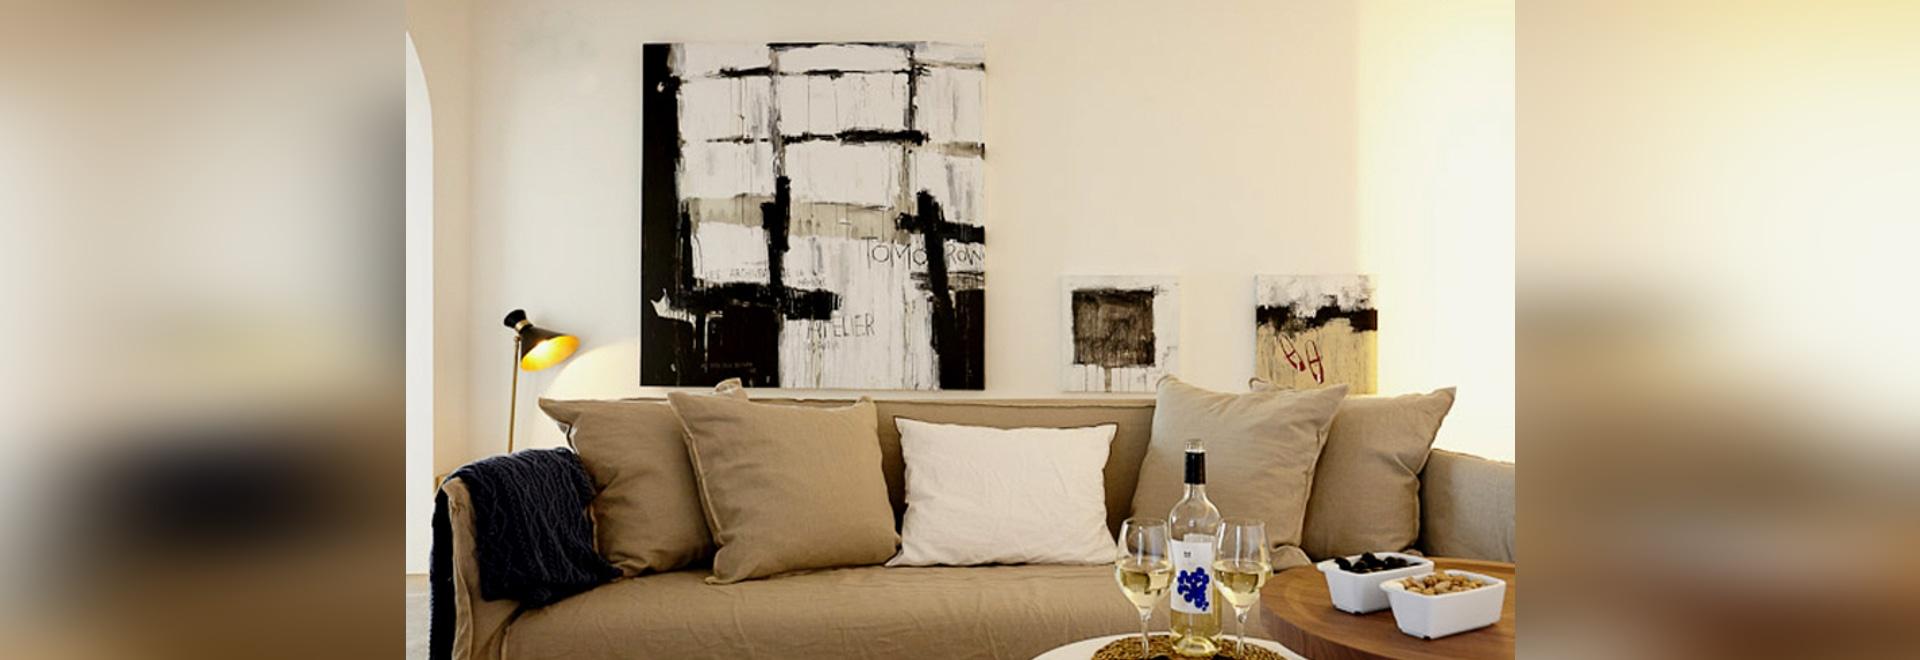 Mañana, pintura del formato grande y 50 x 50 pinturas por el Catman (hotel Maz Lazuli, salón)